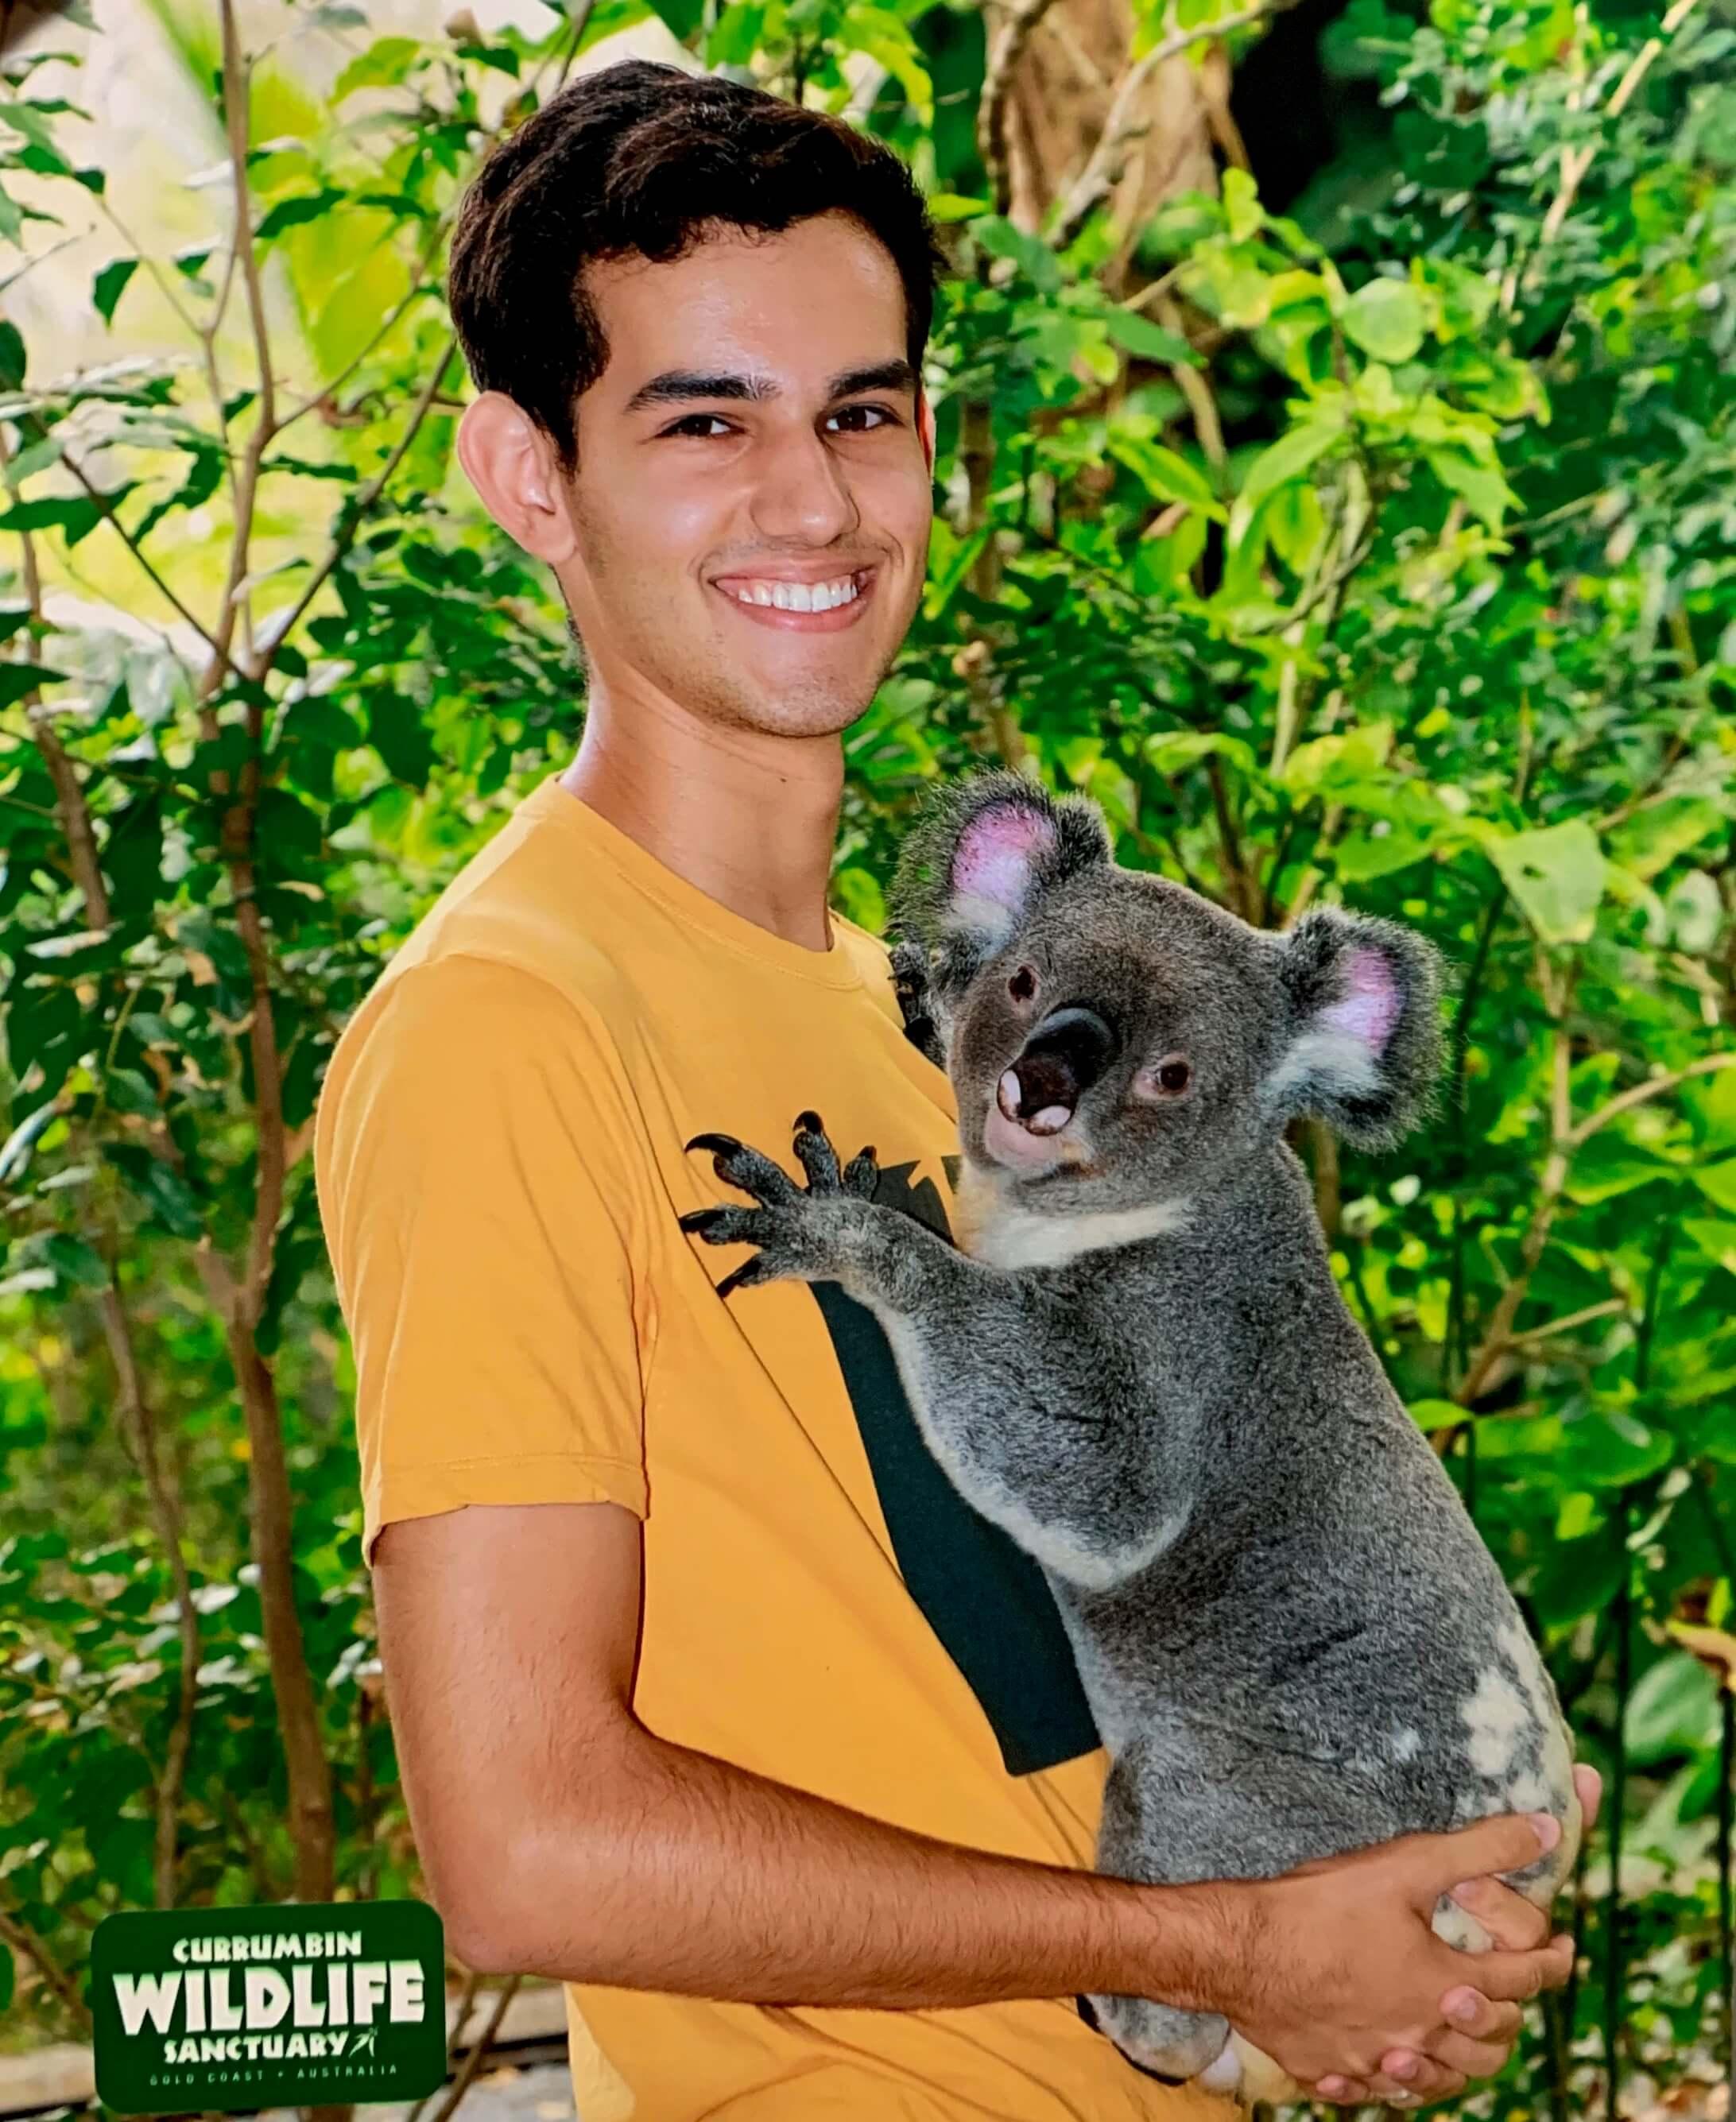 Bruno também teve a oportunidade de conhecer e ficar pertinho de um coala